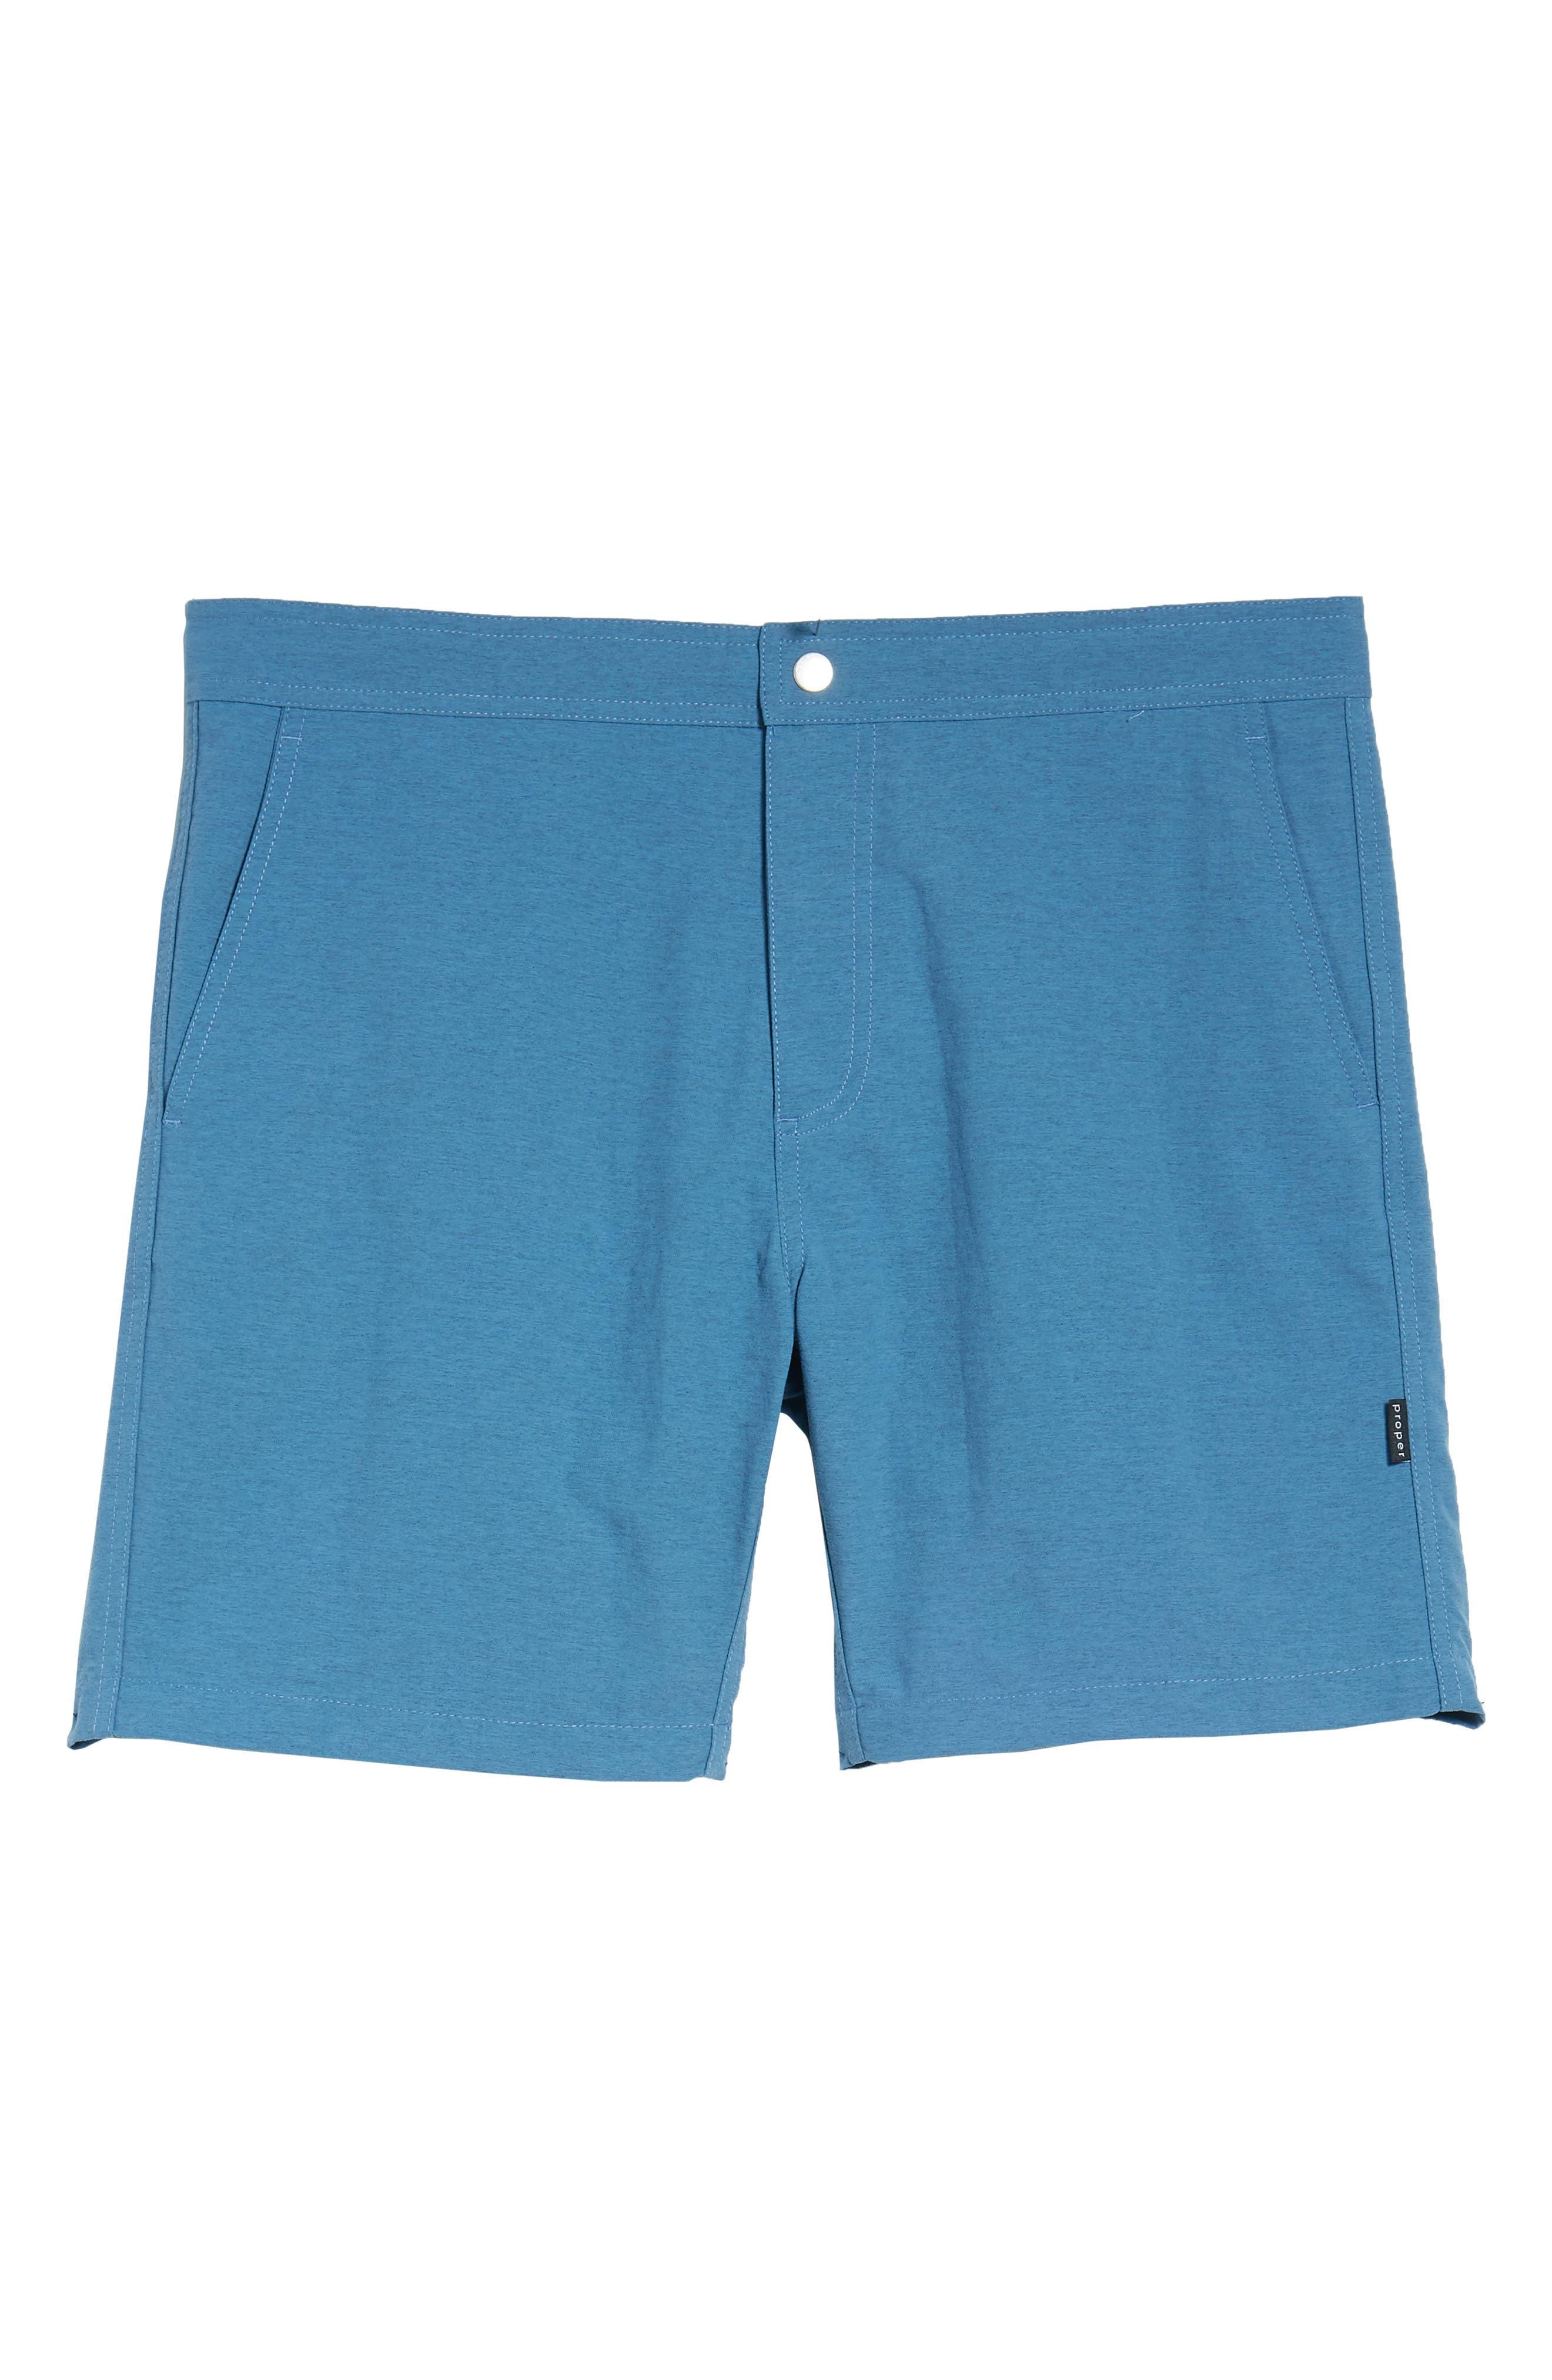 Bond Hybrid Shorts,                             Alternate thumbnail 6, color,                             TIDAL BLUE